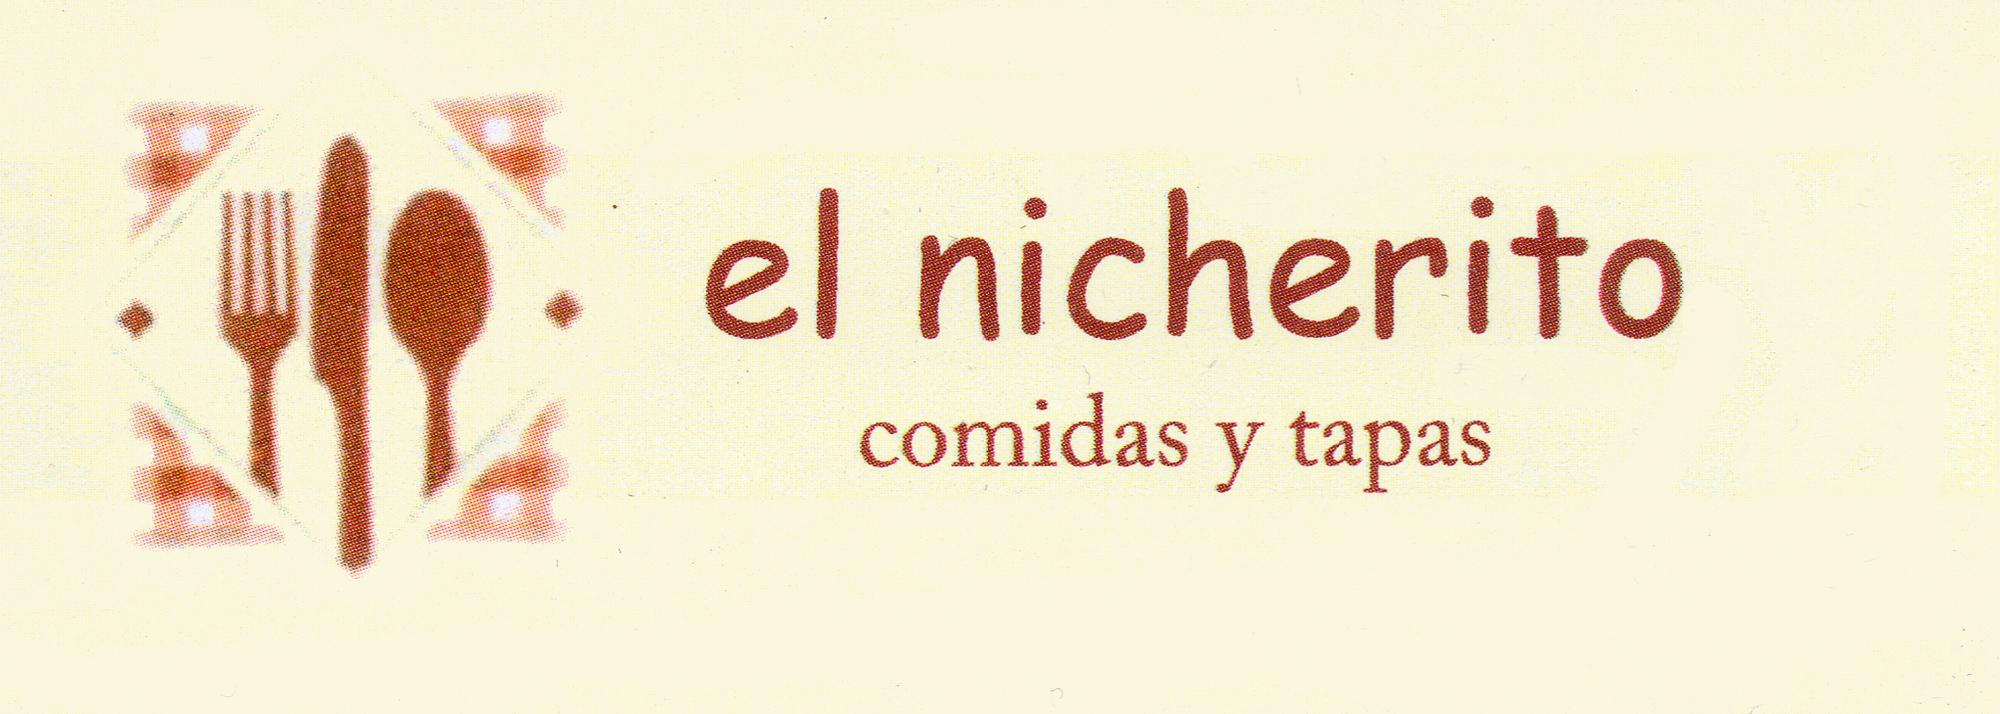 El Nicherito